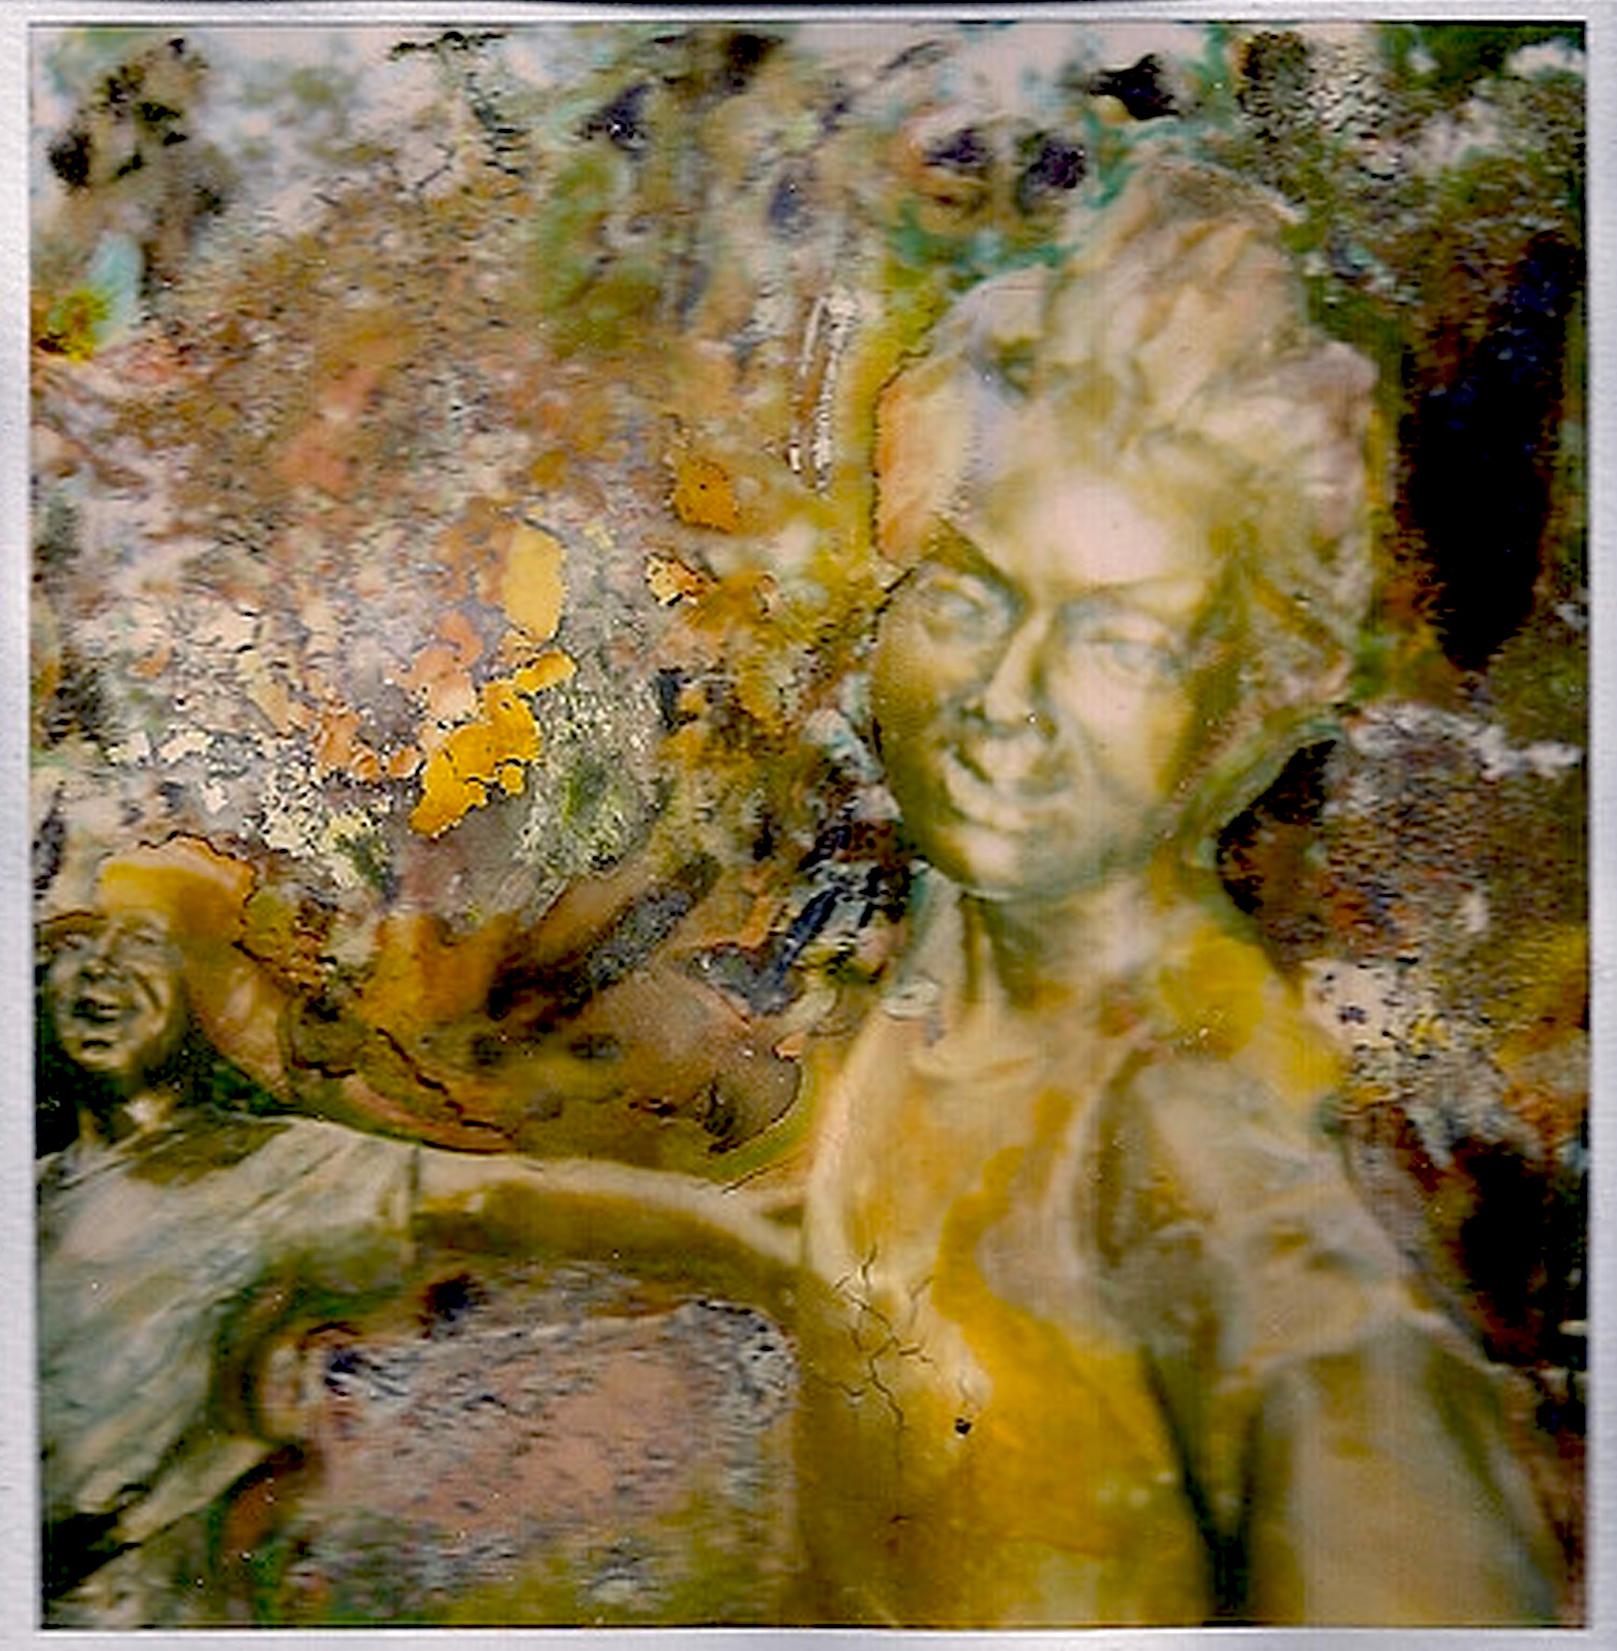 dancing statues 01 cropped.jpg